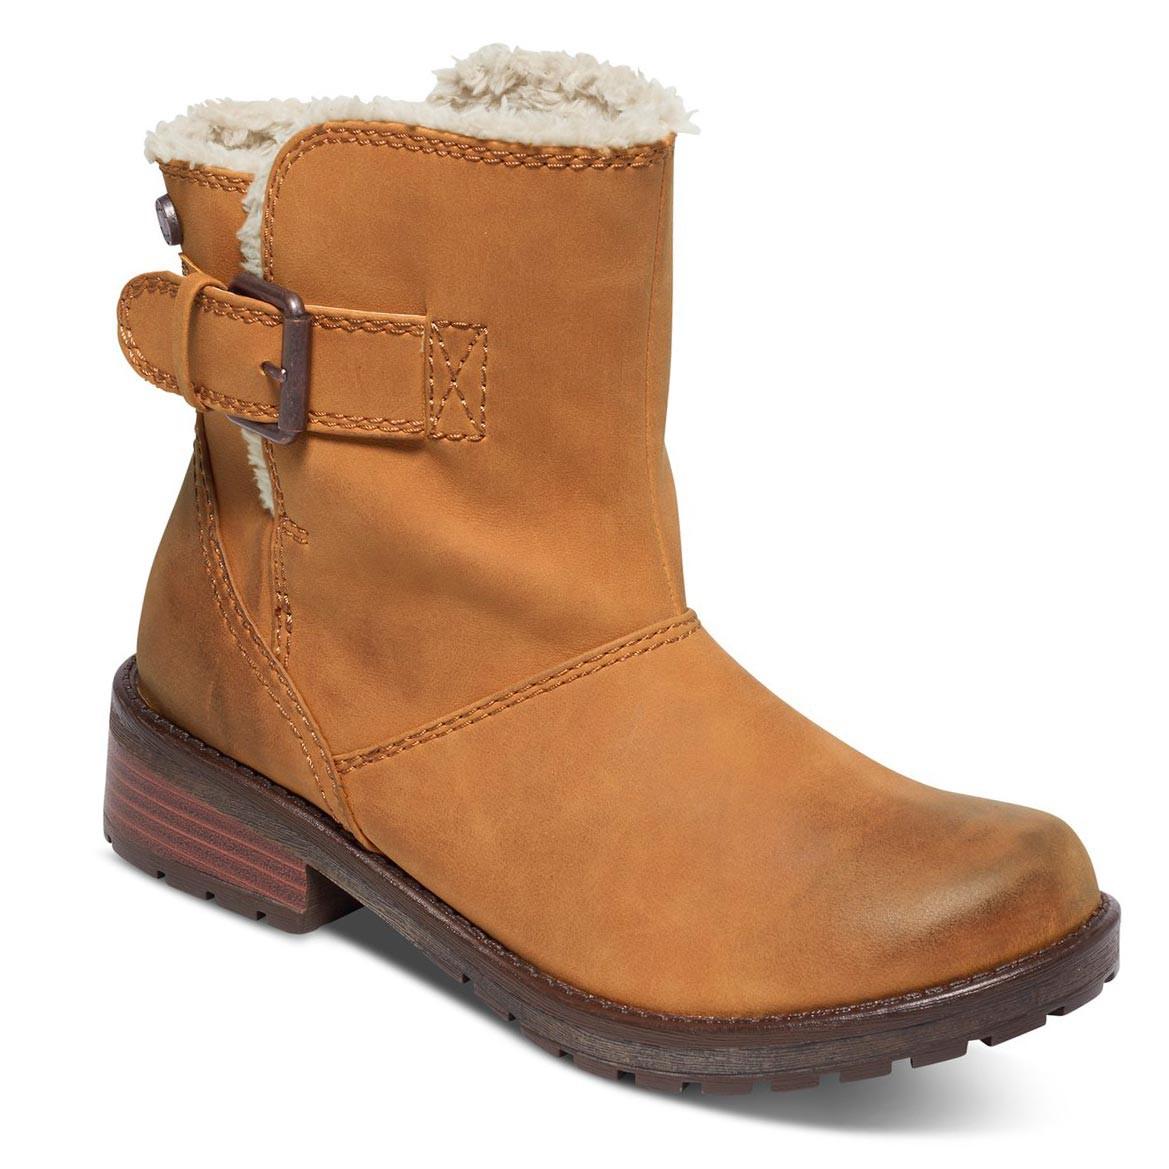 Zimní boty Roxy Castro tan vel.3 (36) 16 + doručení do 24 hodin